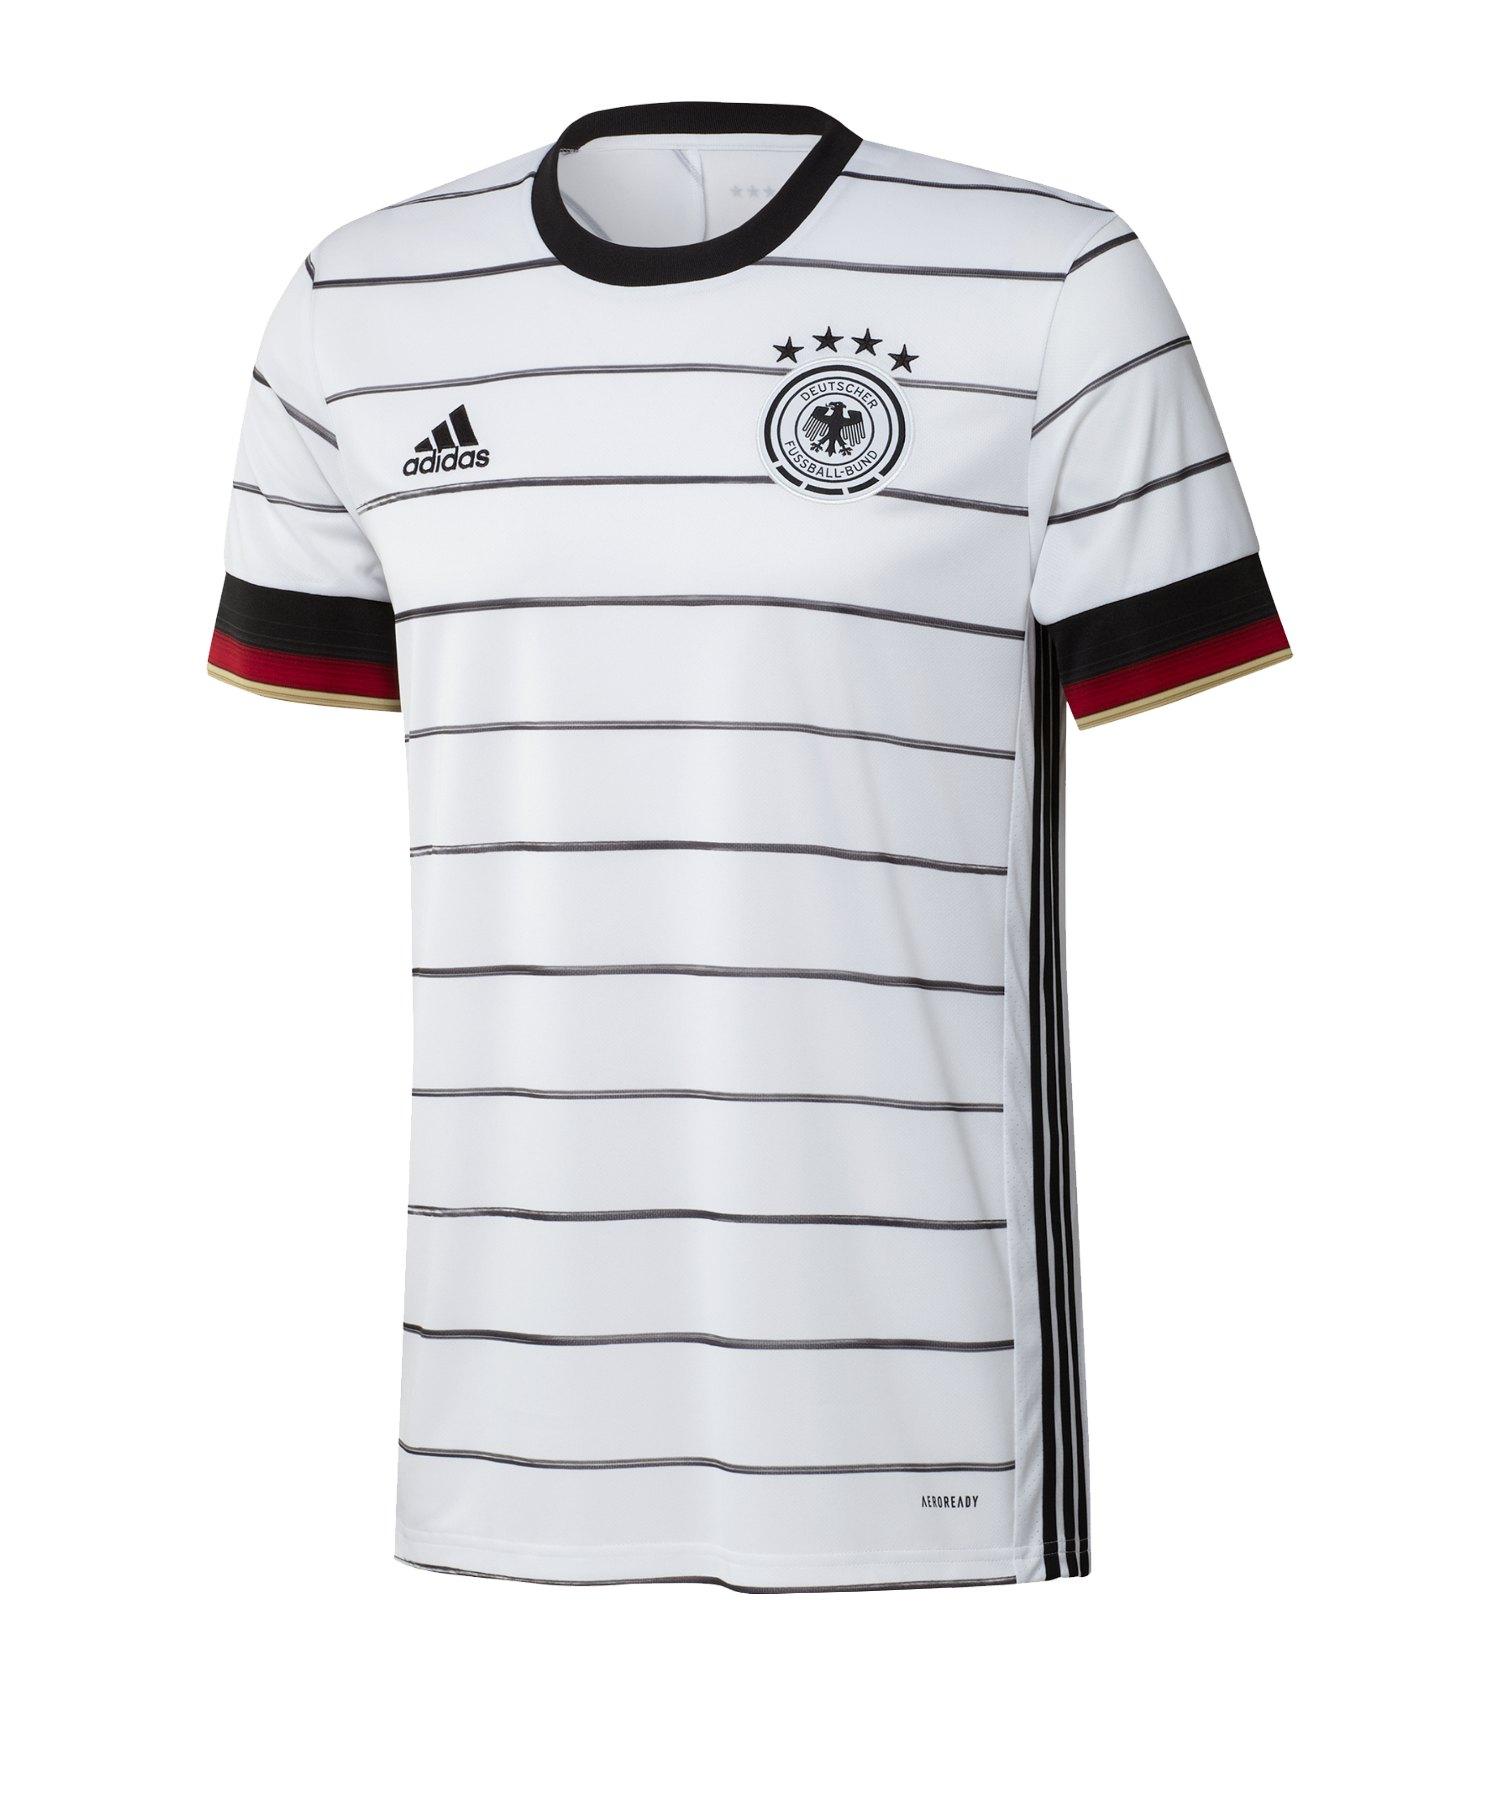 adidas DFB Deutschland Trikot Home EM 2020 Weiss - weiss